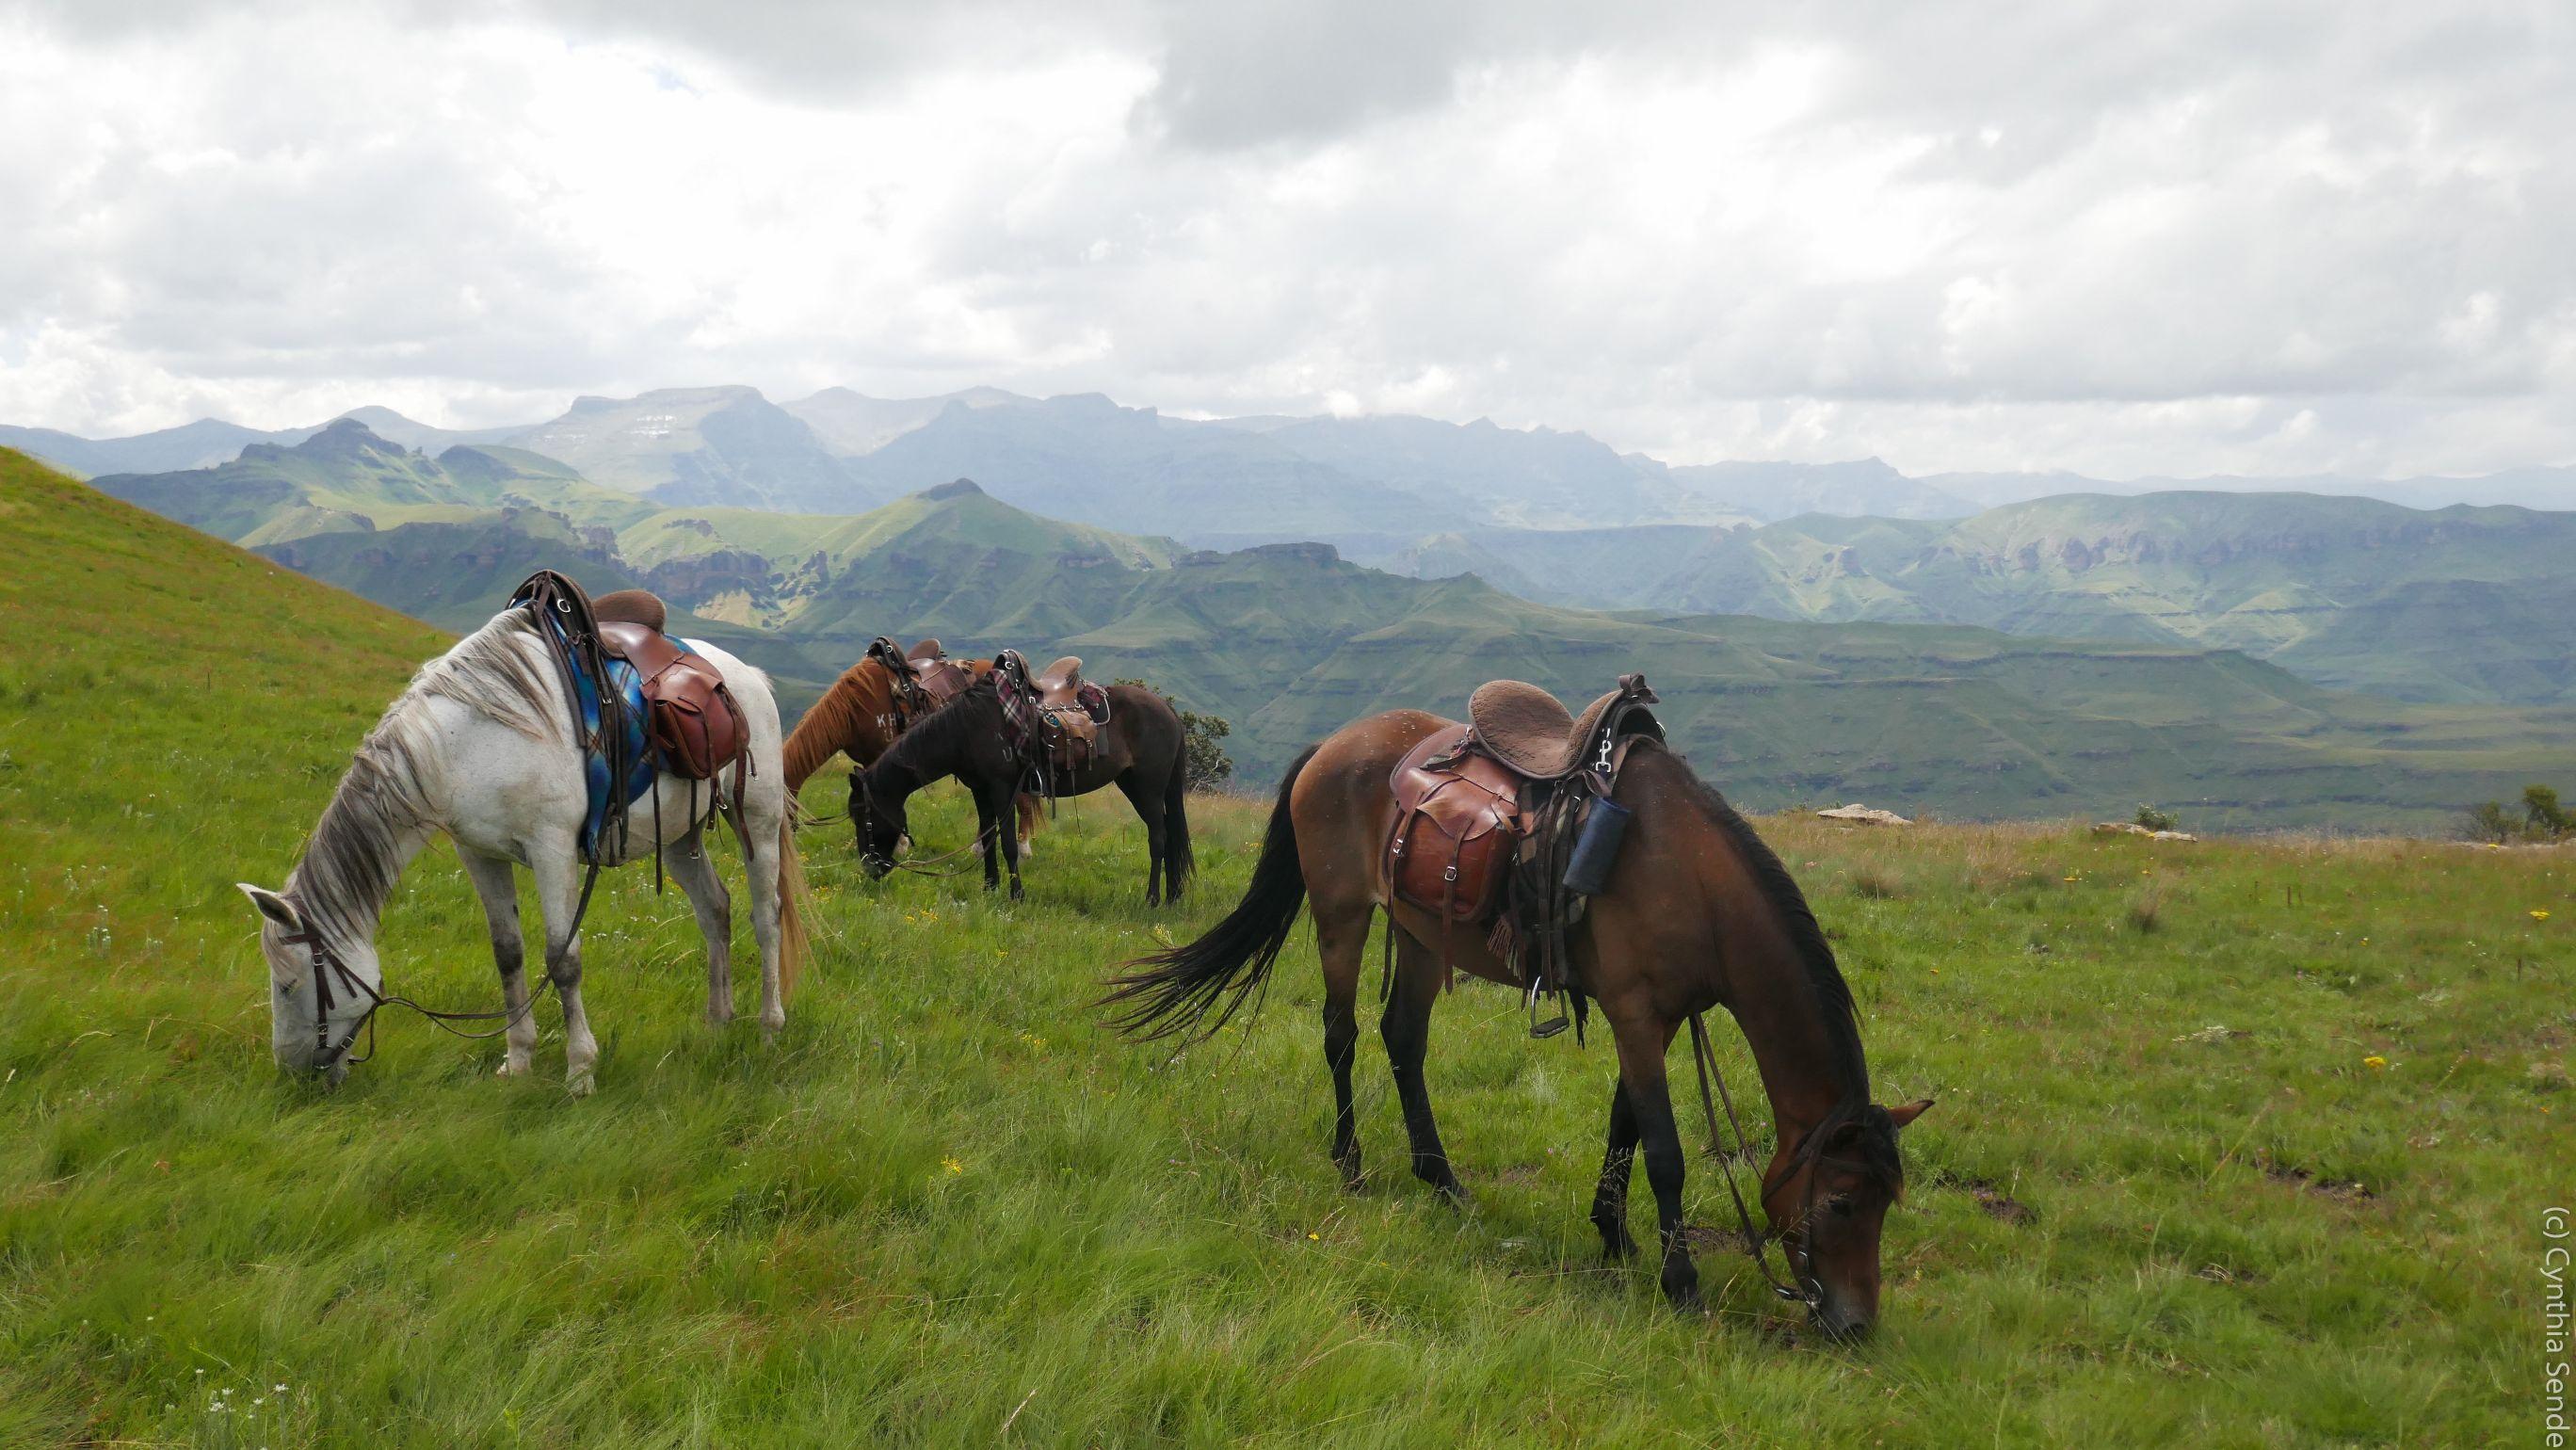 Horses grazing in the drakensberg south africa